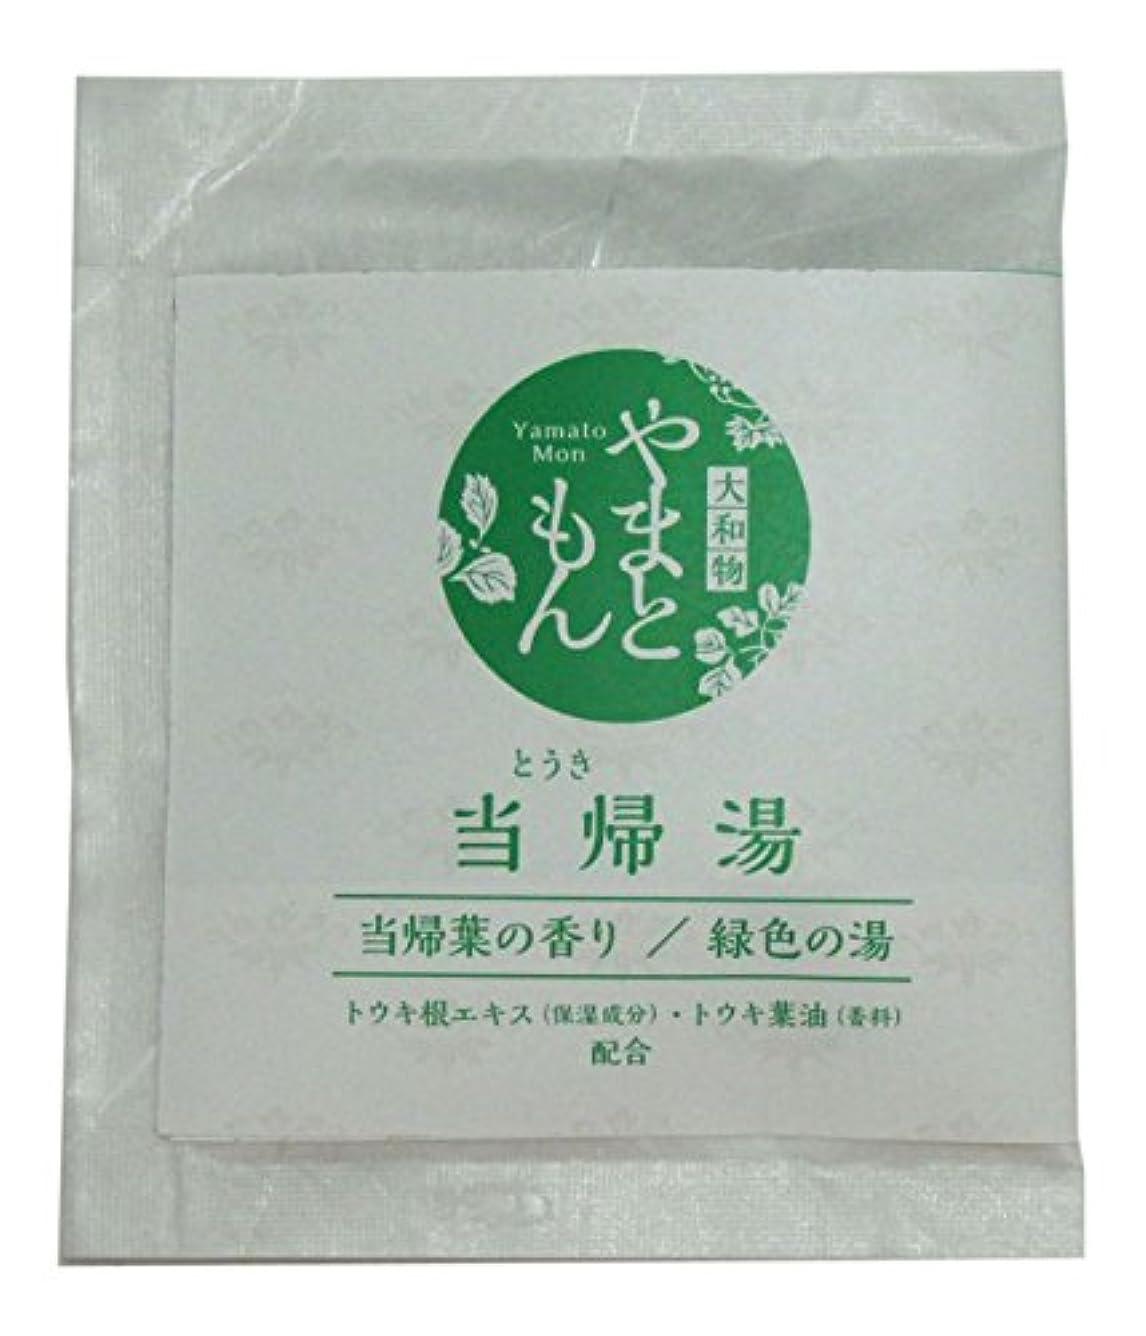 タンパク質デザイナーベンチ奈良産和漢生薬エキス使用やまともん化粧品 当帰湯(とうきゆ)